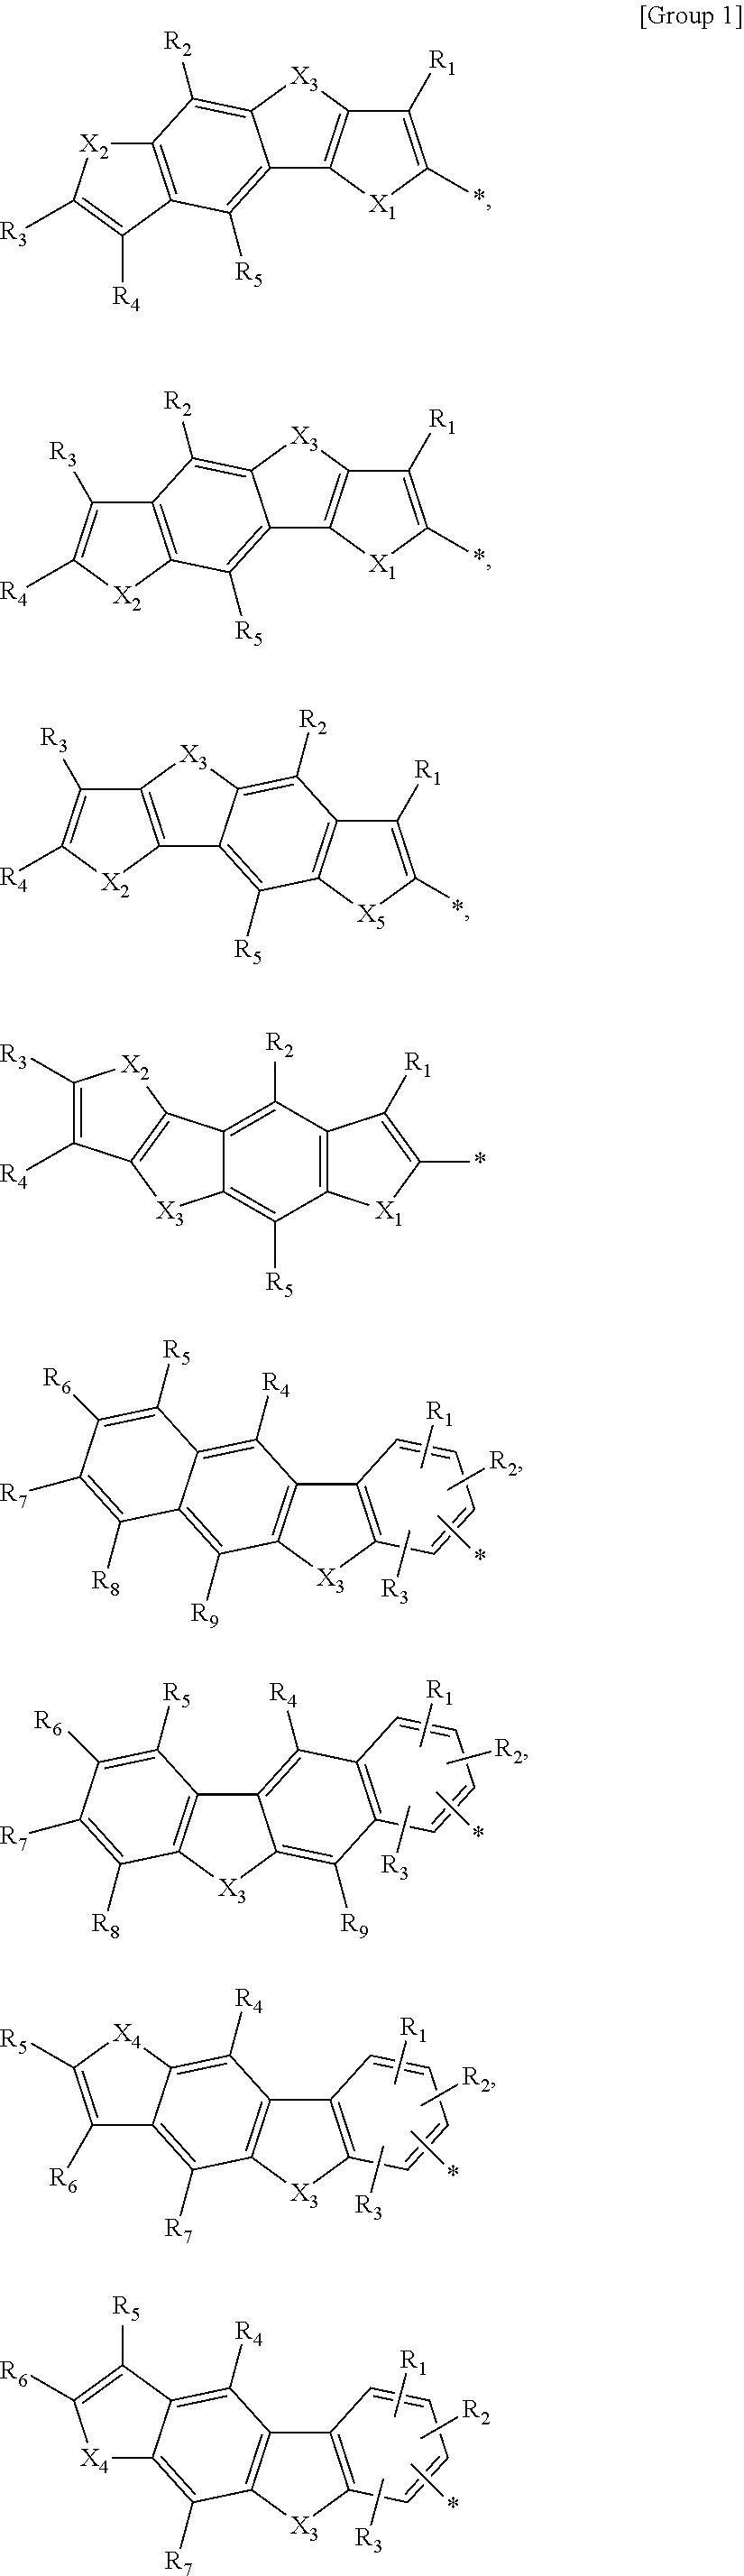 Figure US09985222-20180529-C00002